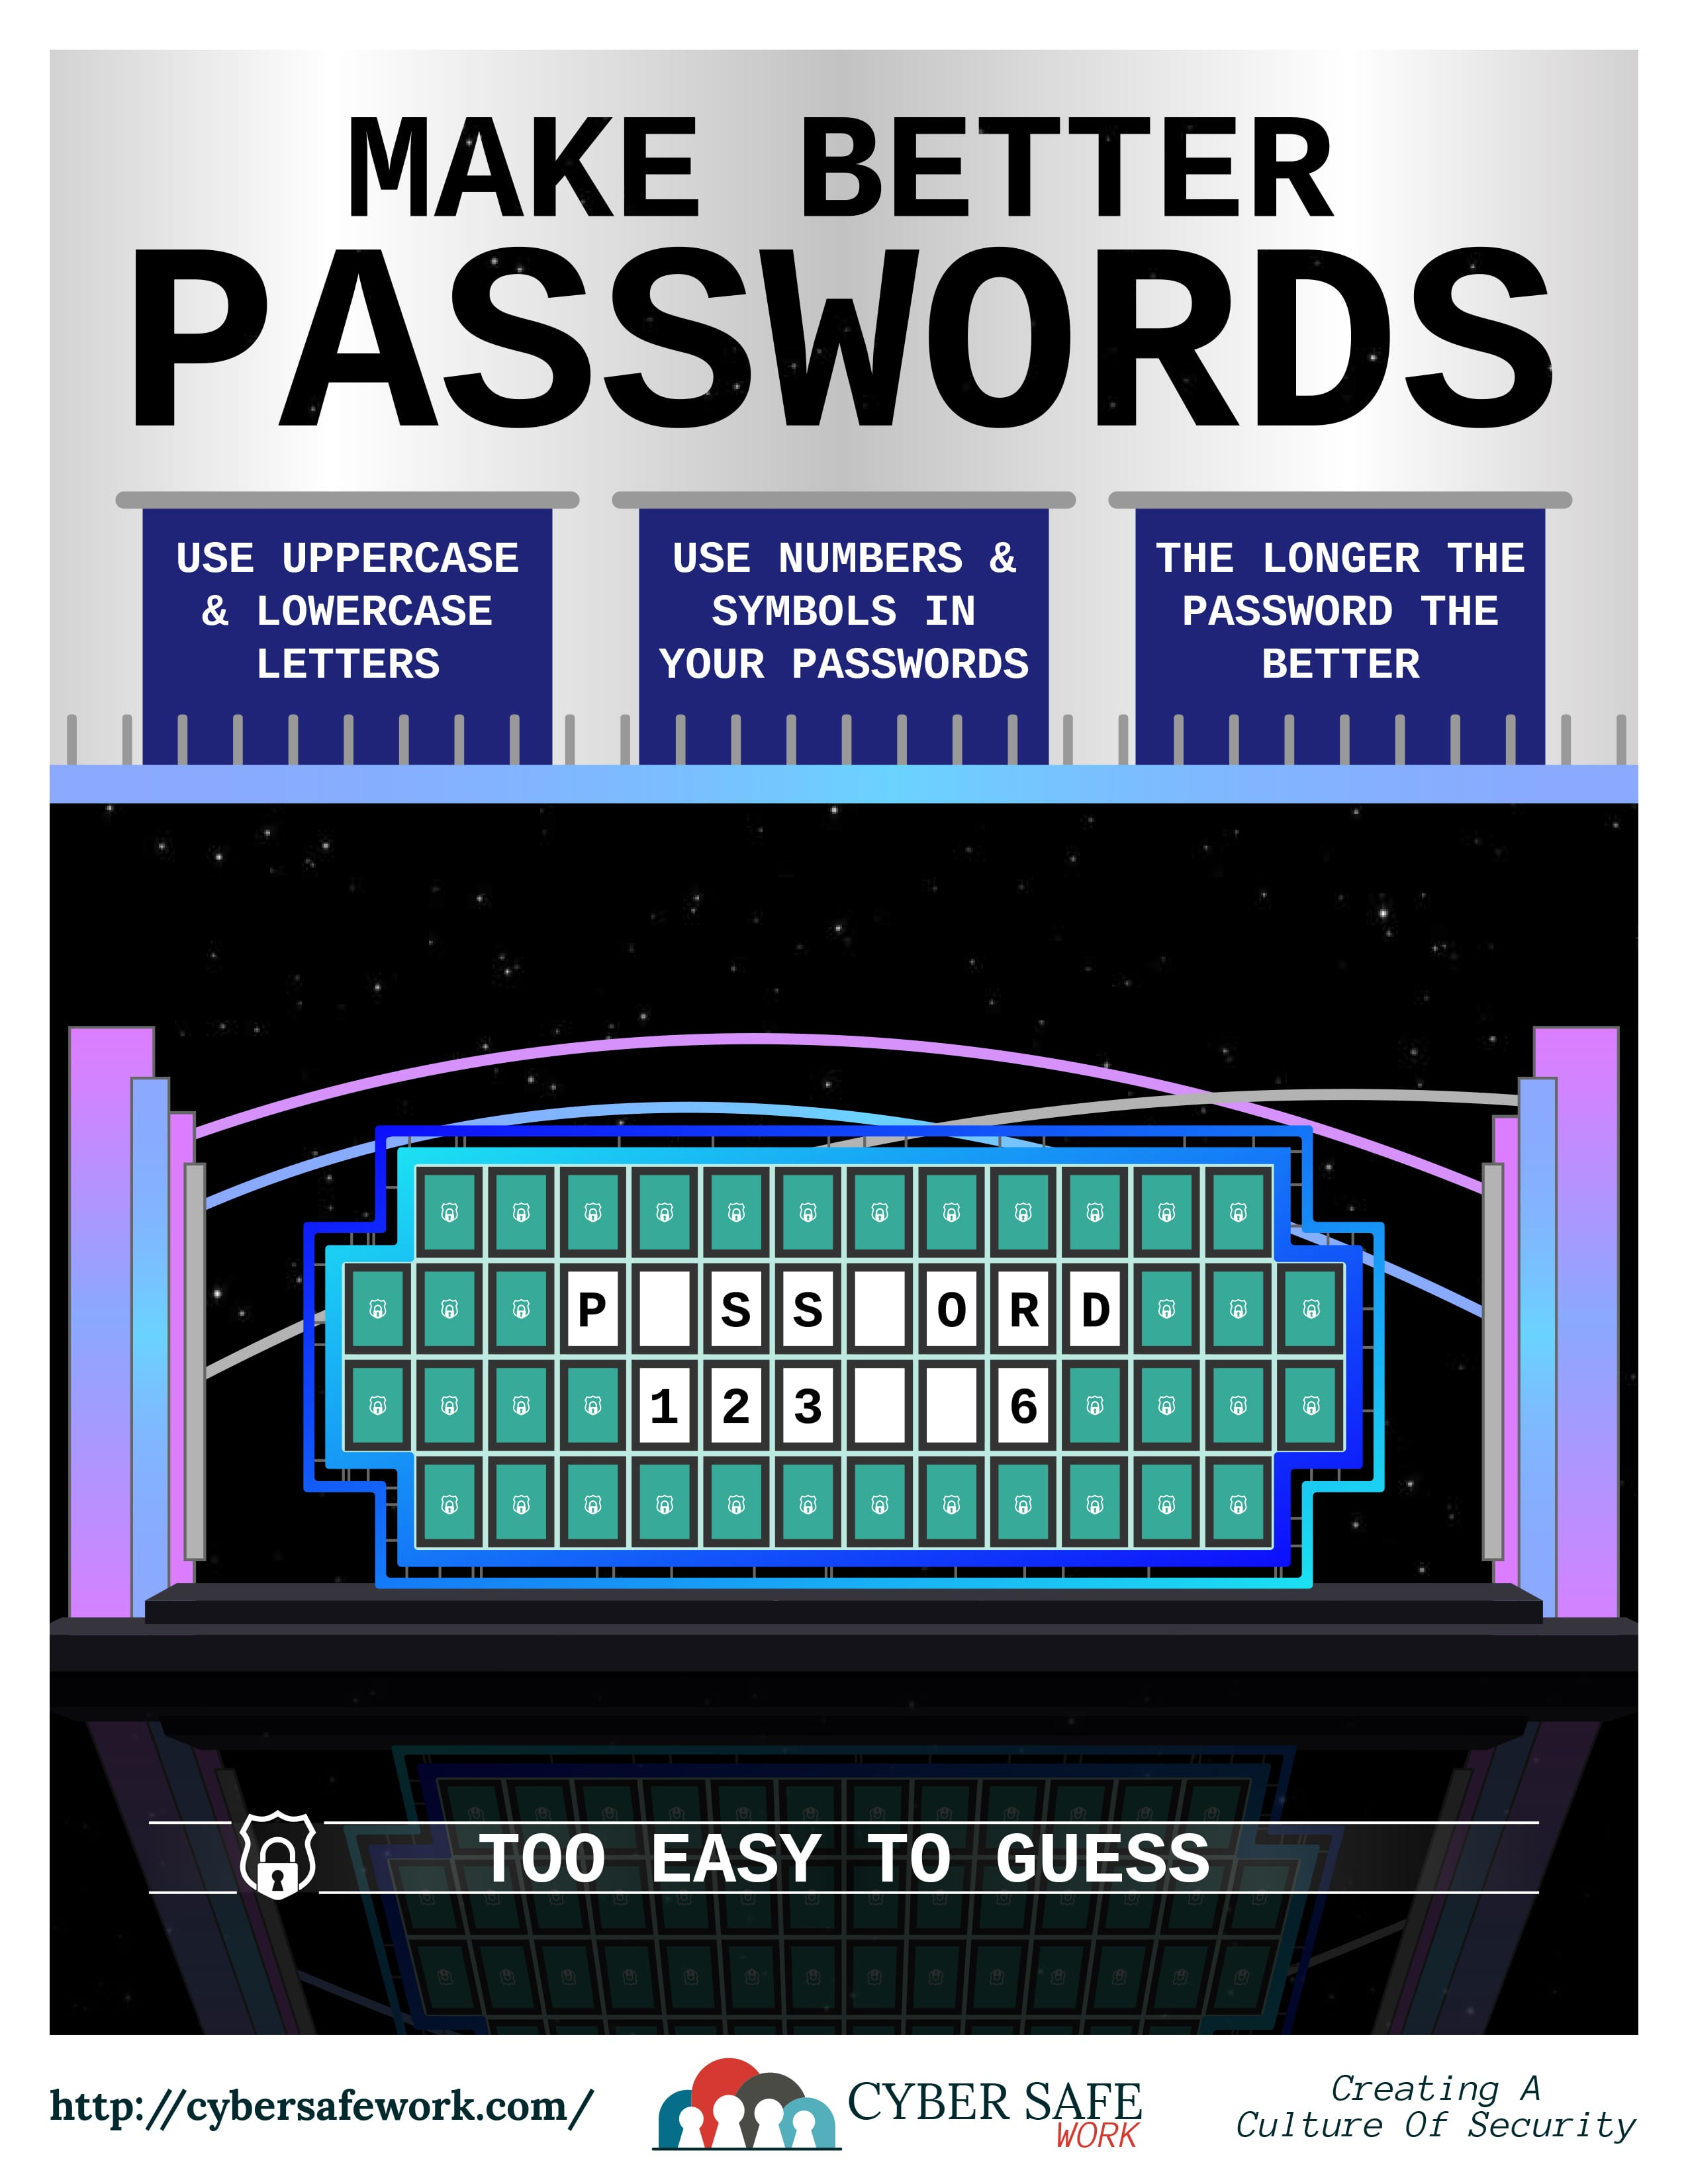 Cyber Safe Work Security Awareness Poster April 2018 -